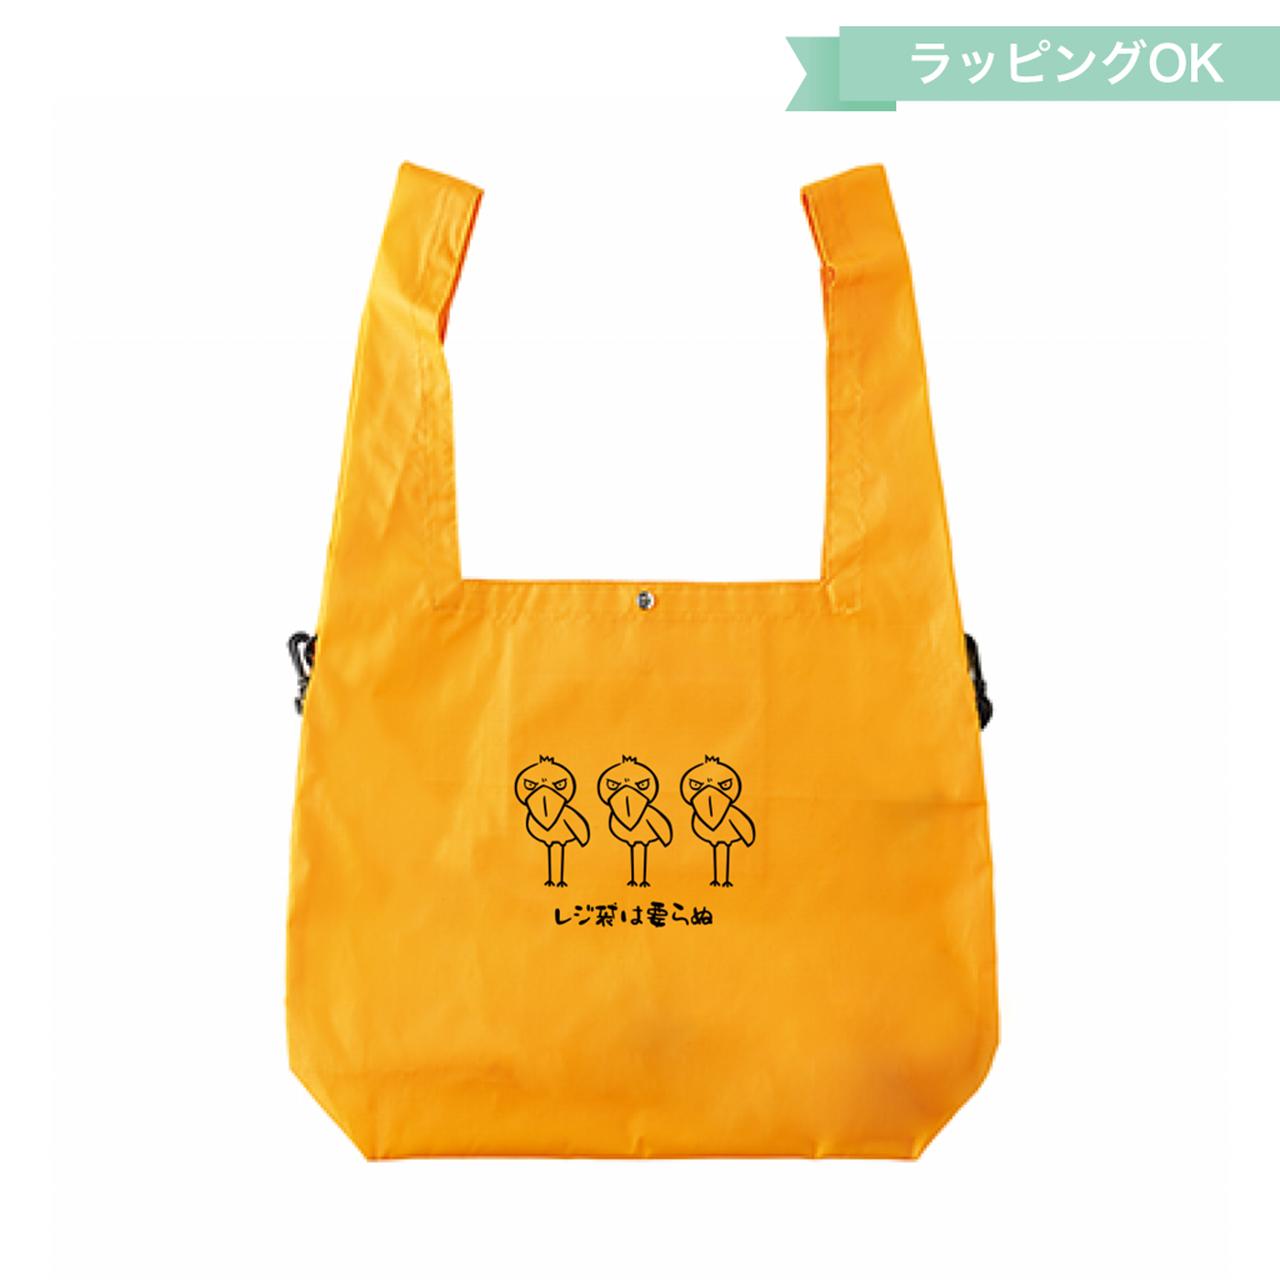 はっ水マルシェバッグ【オレンジ】★ハシビロコウ